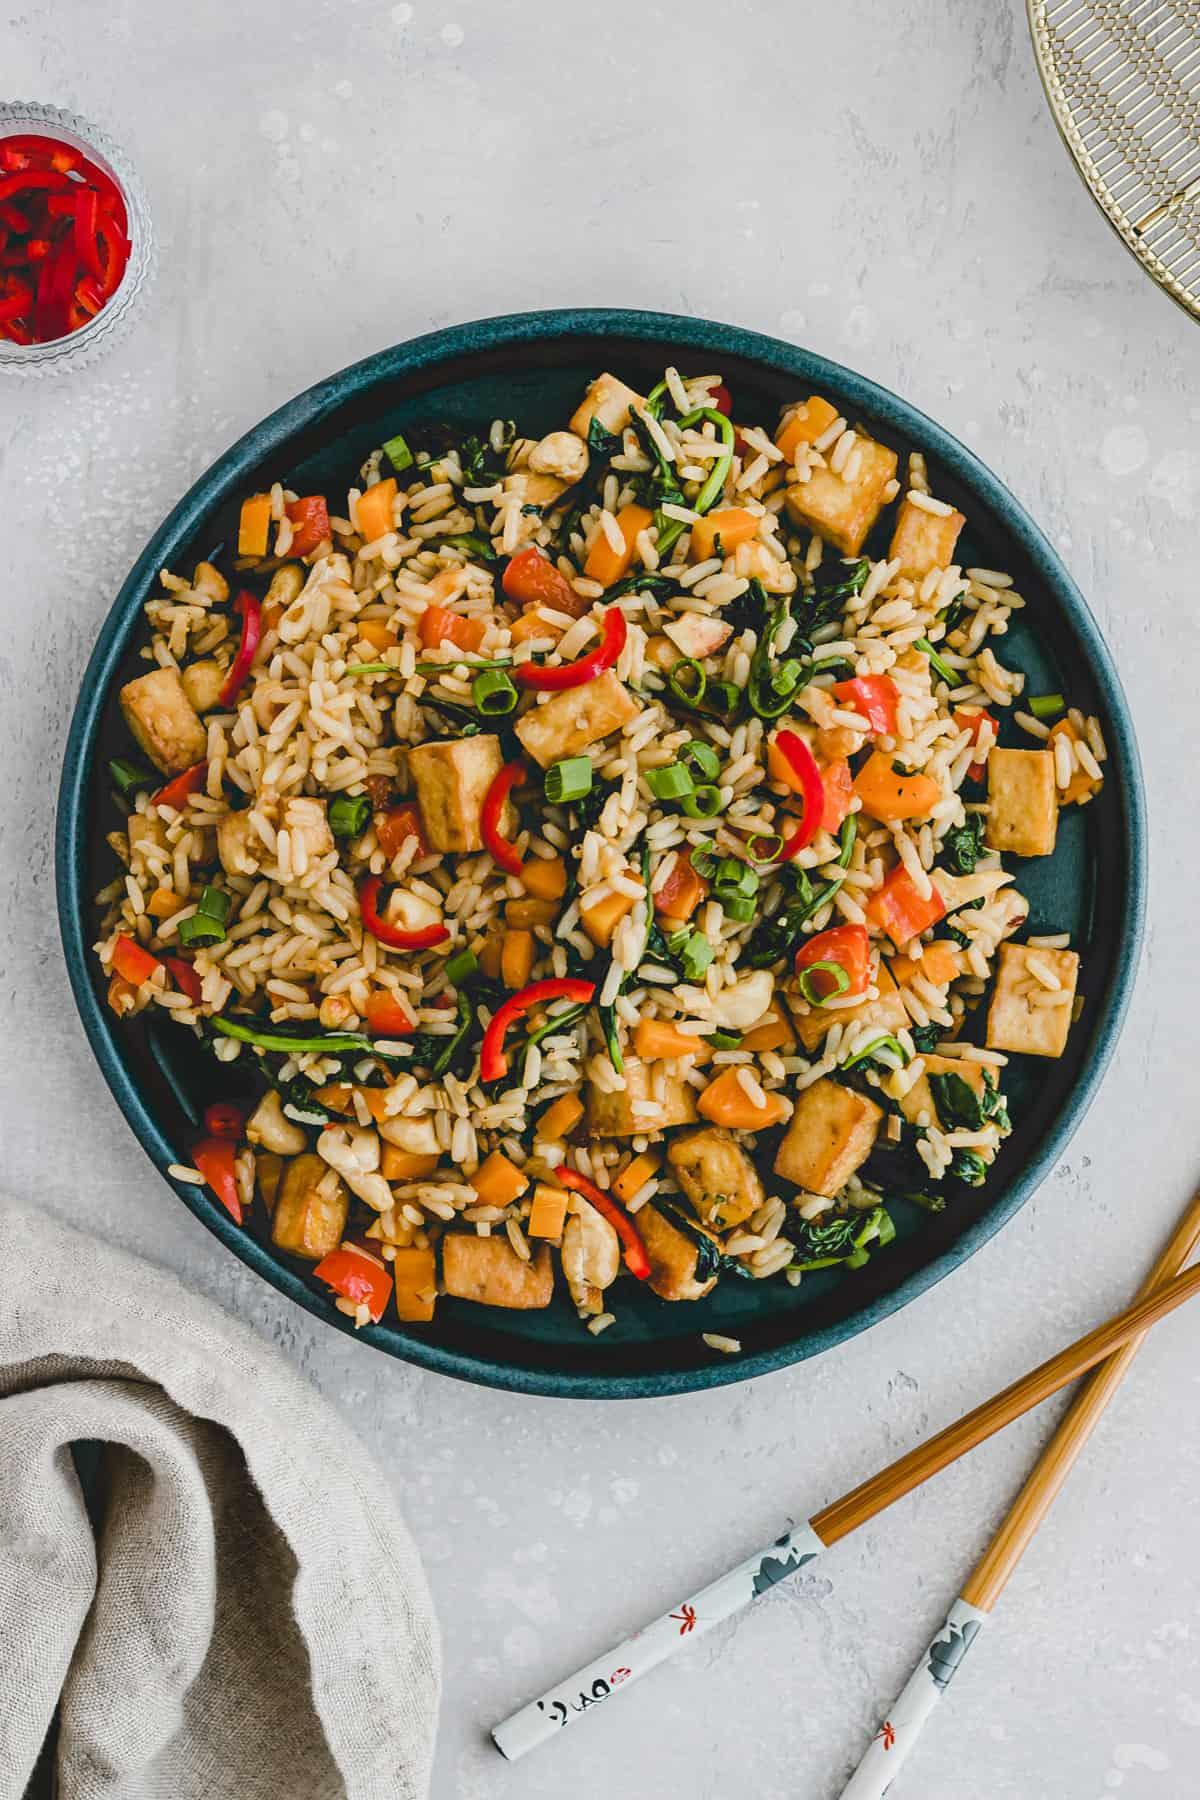 tofu fried rice on a blue plate